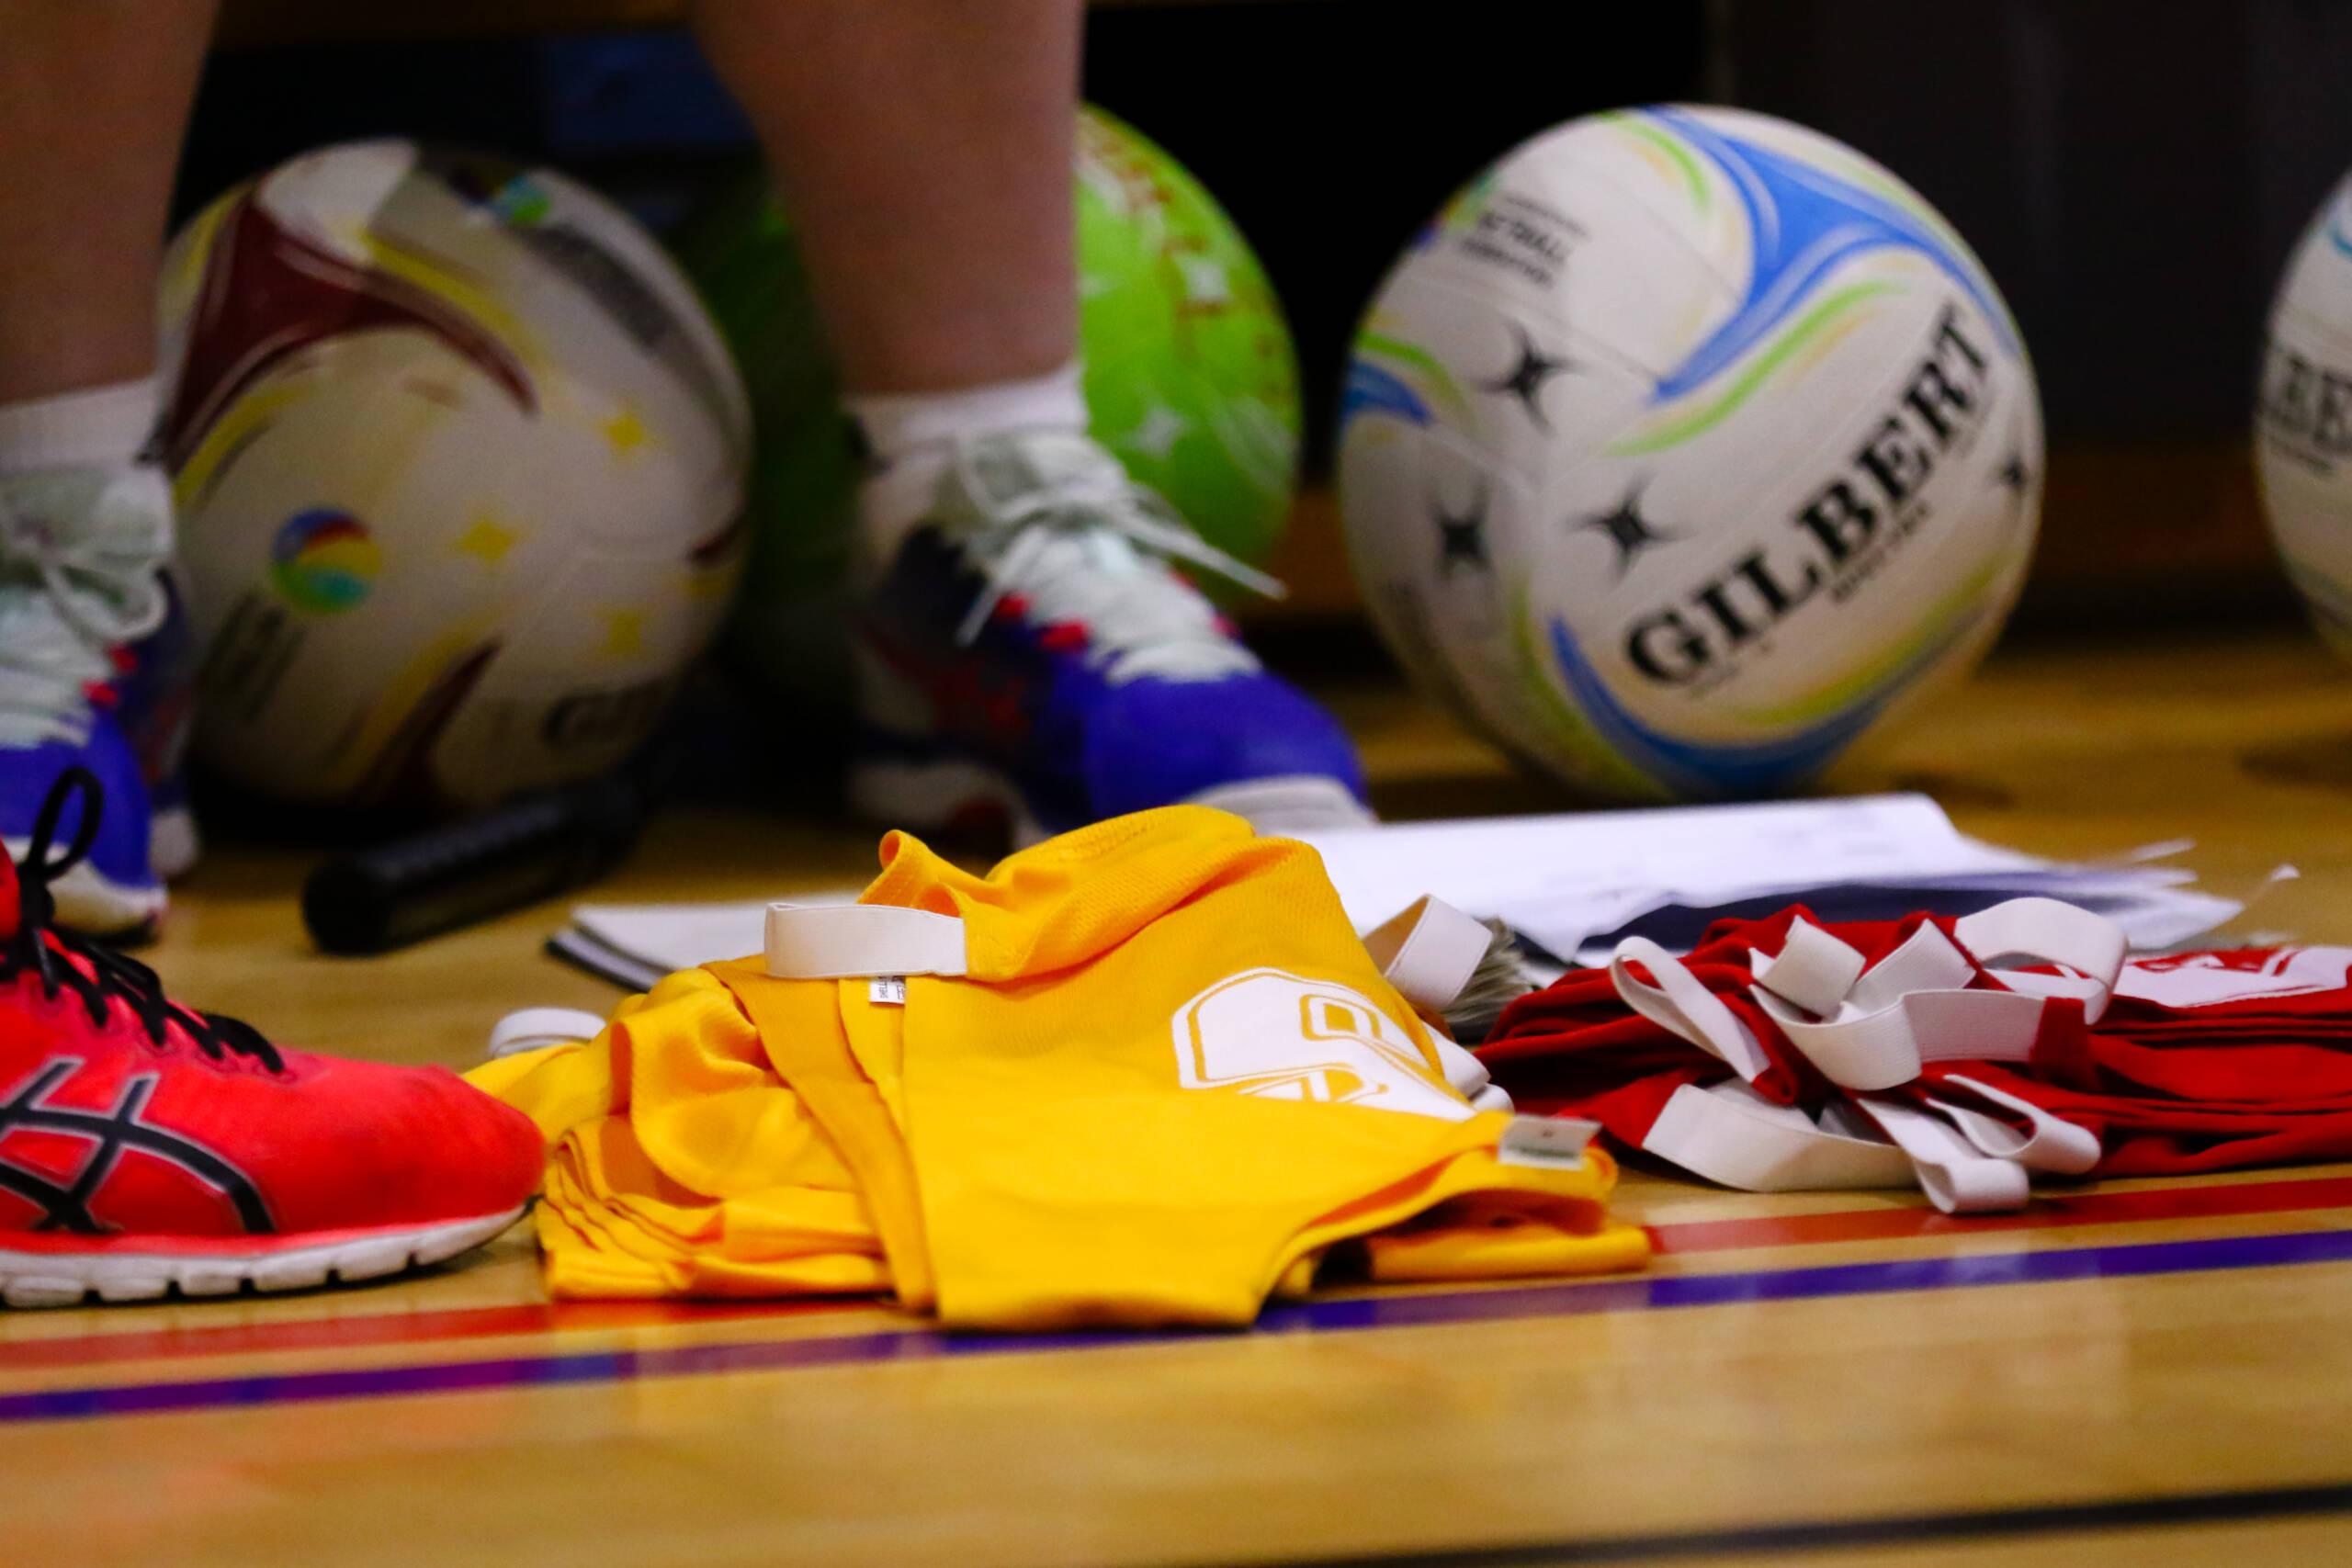 Netball equipment on the floor